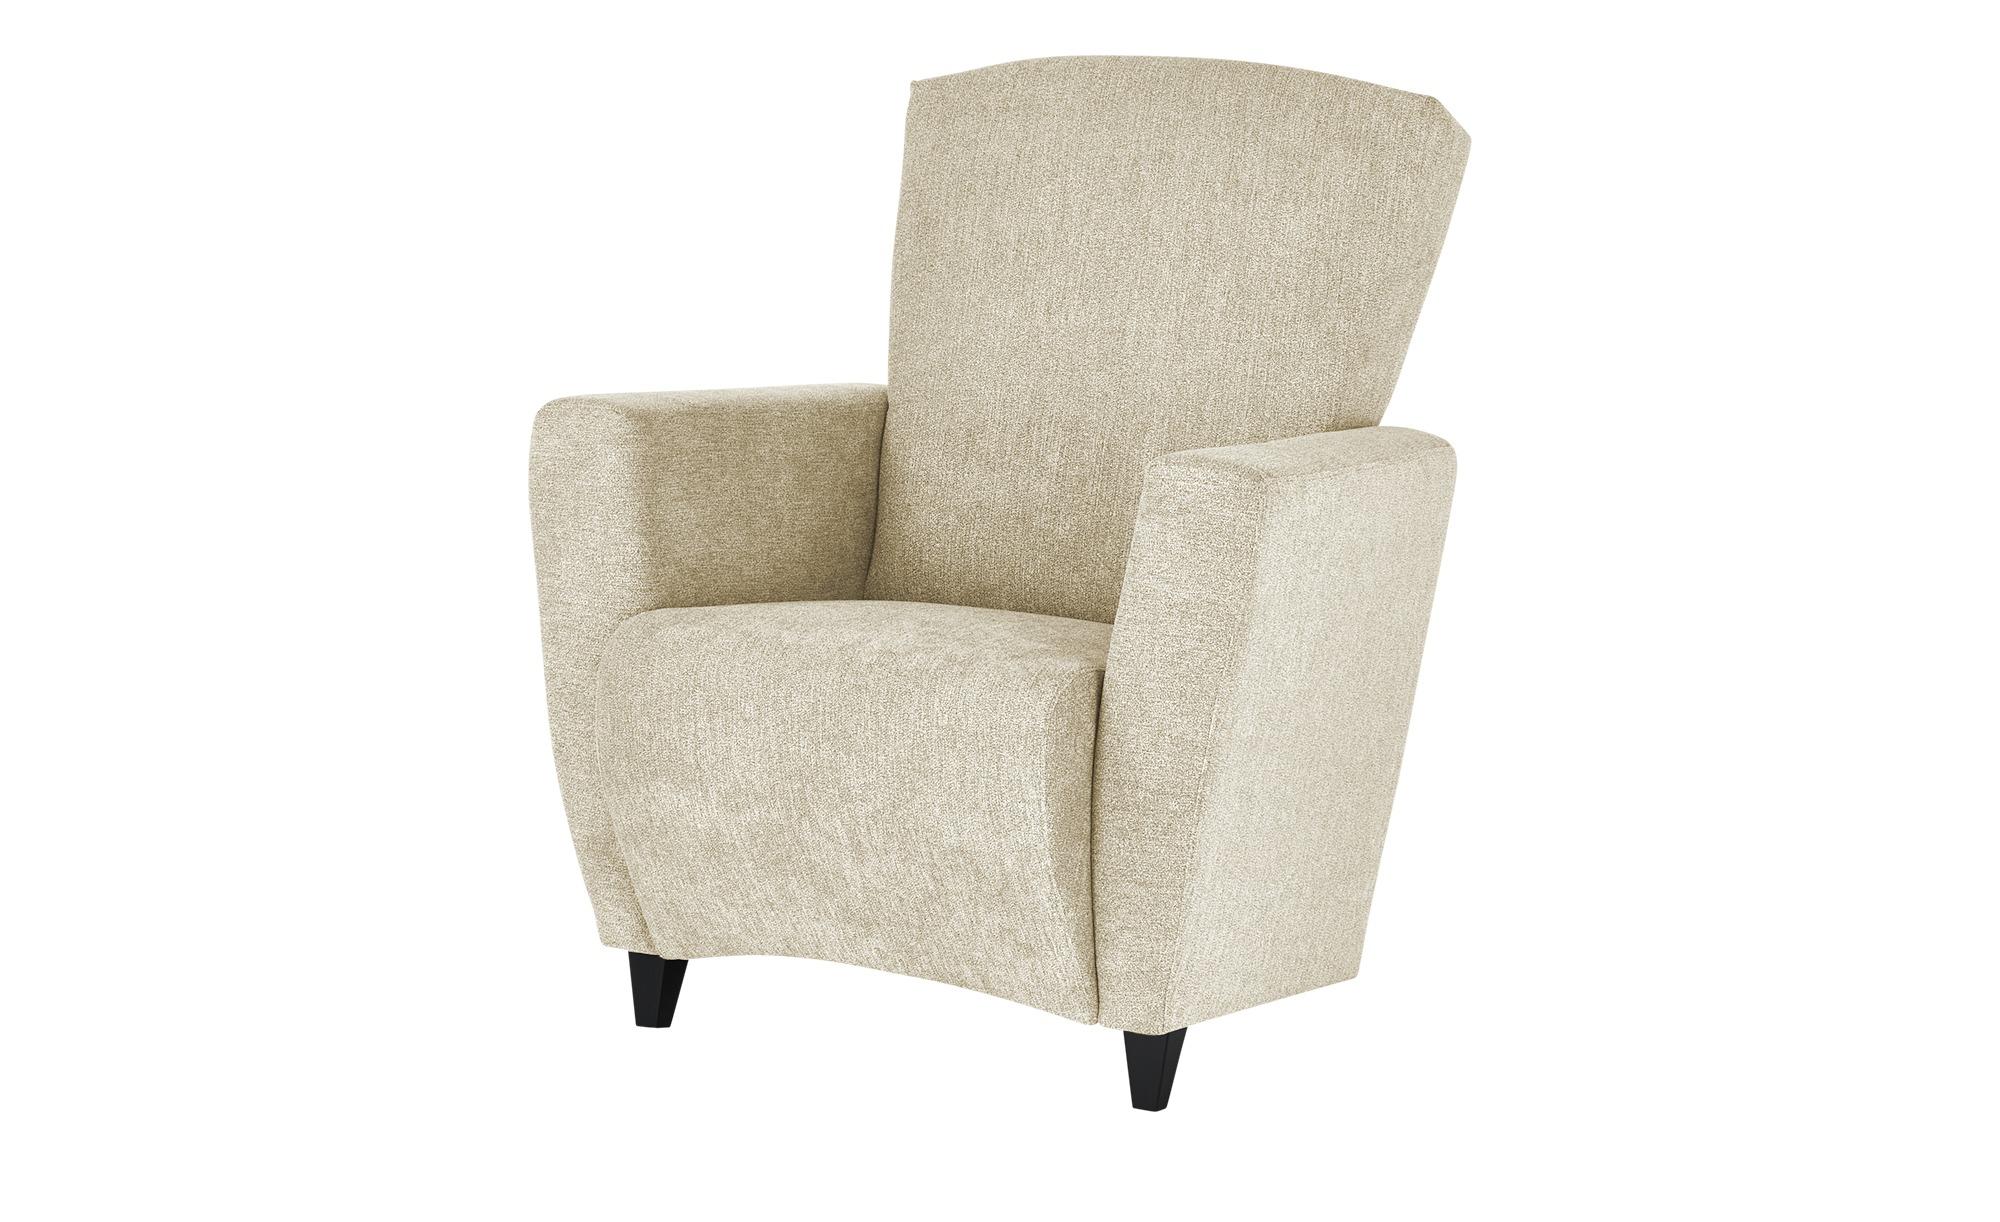 smart Sessel  Alma ¦ beige ¦ Maße (cm): B: 84 H: 94 T: 80 Polstermöbel > Sessel > Polstersessel - Höffner